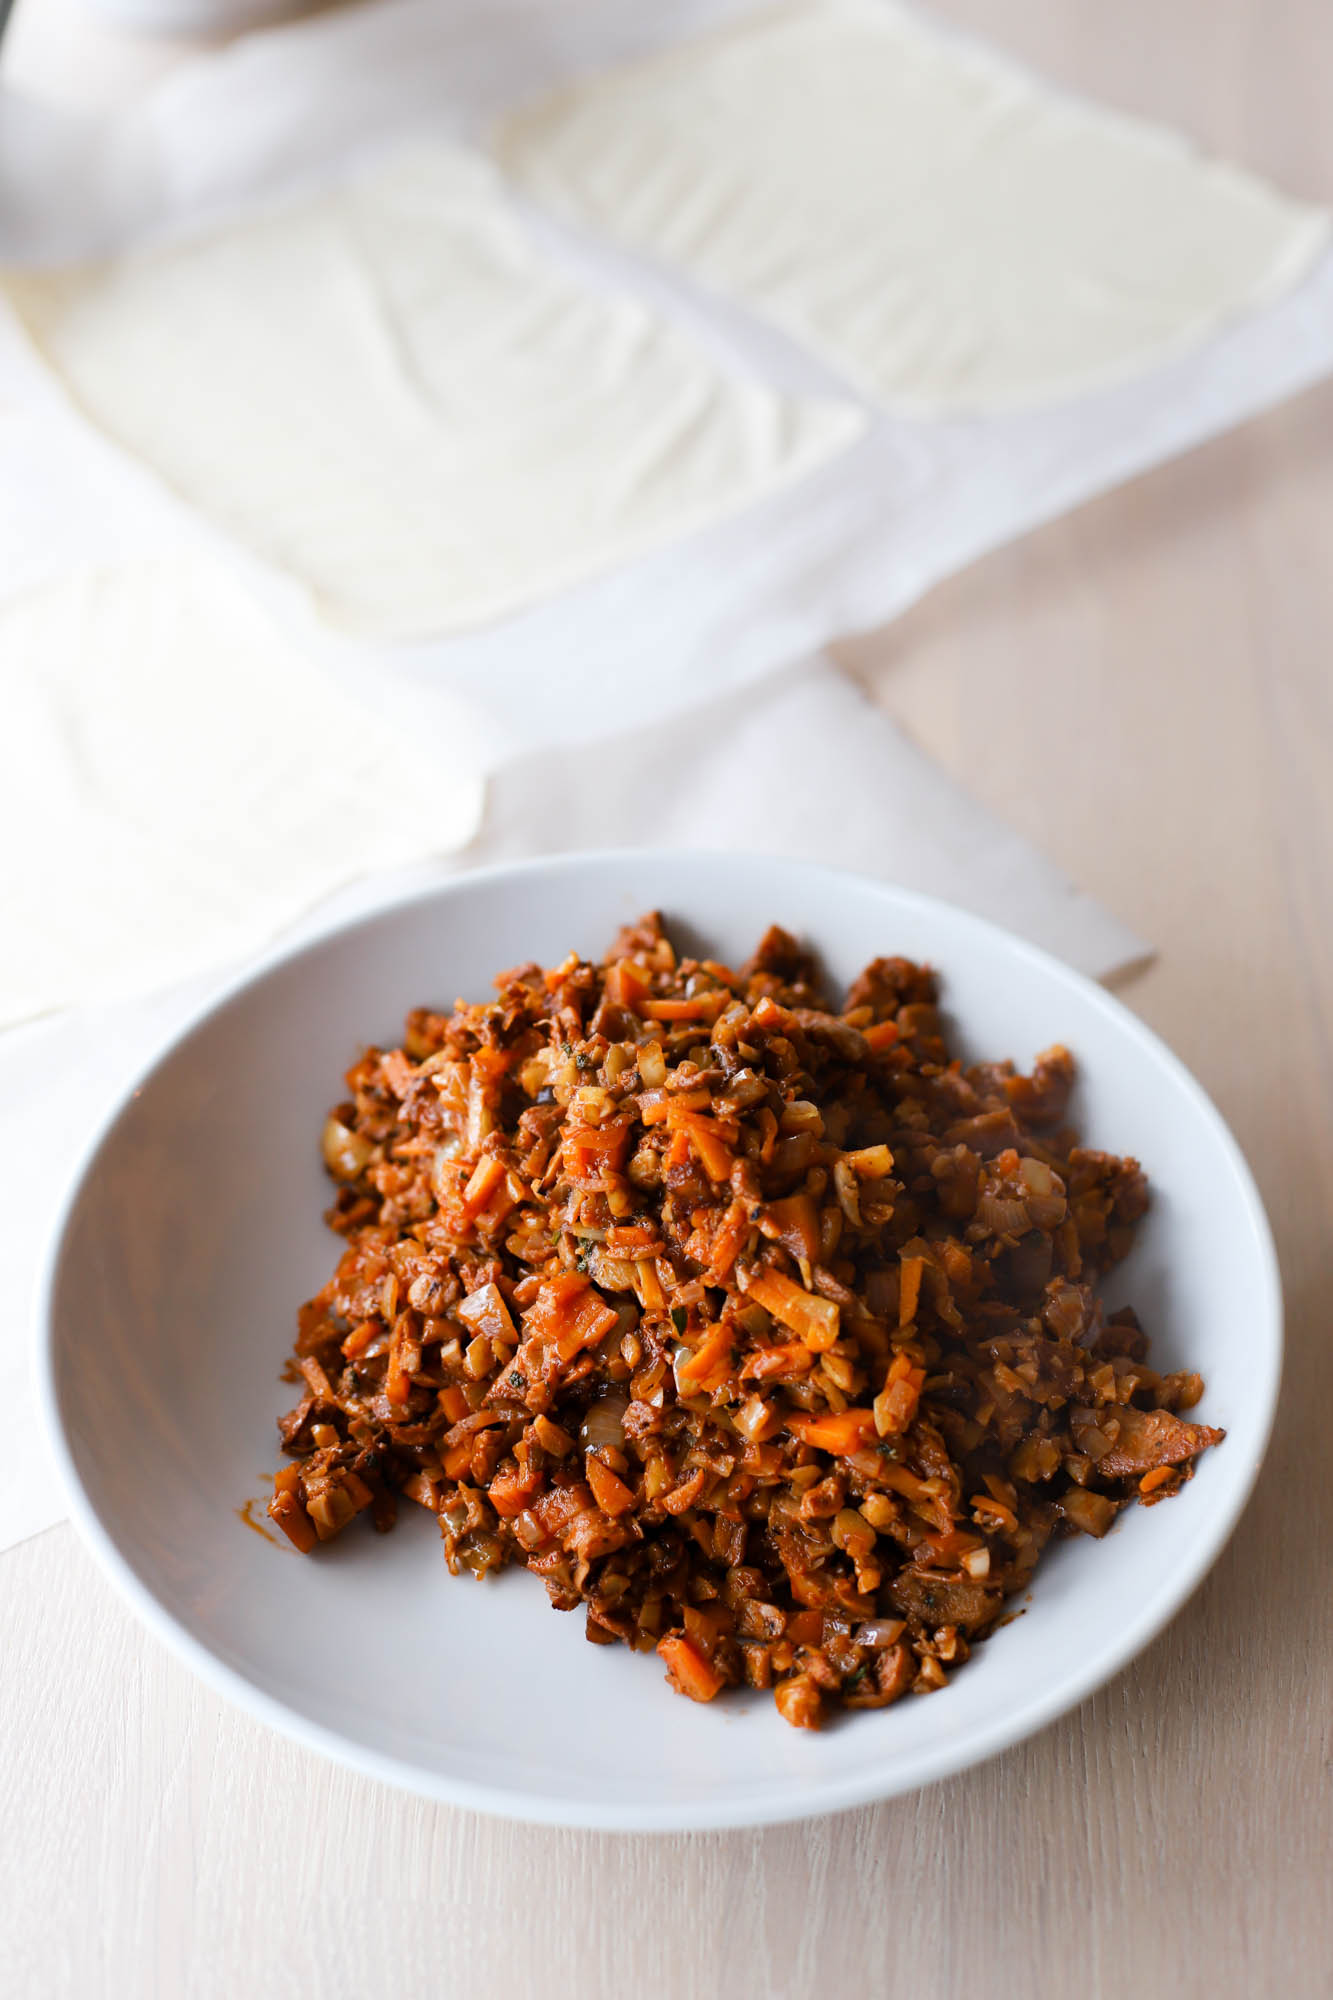 Denne veganske nøttesteika lager du enkelt ved hjelp av kun én stekepanne!